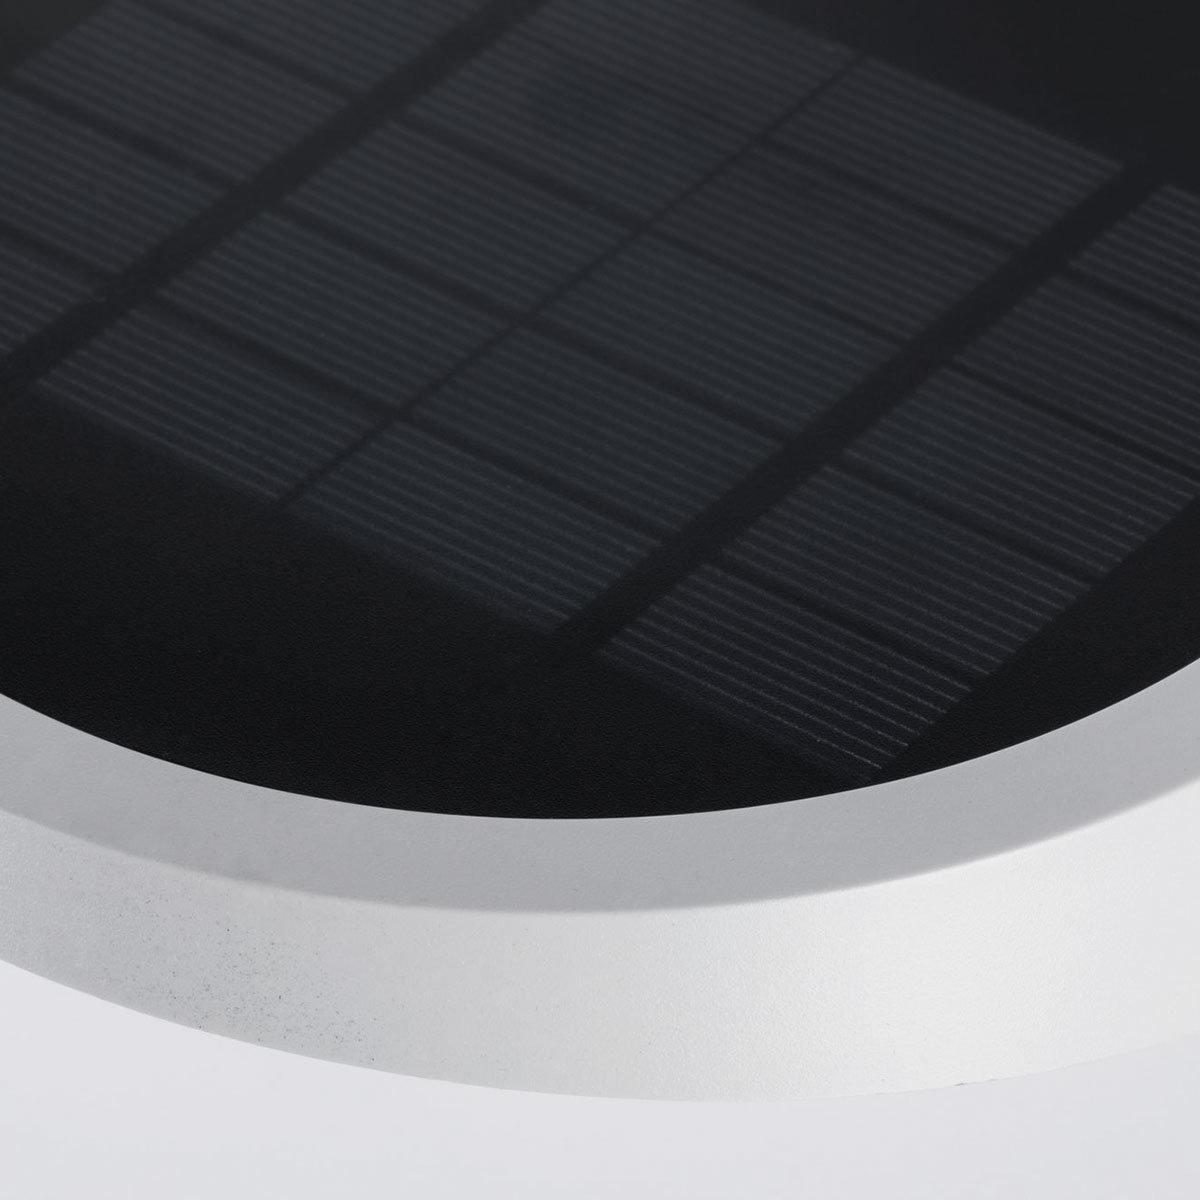 Outdoor Solar Wandleuchte Ryse, 3000K 145lm IP44 Bewegungsmelder, weiß | #6